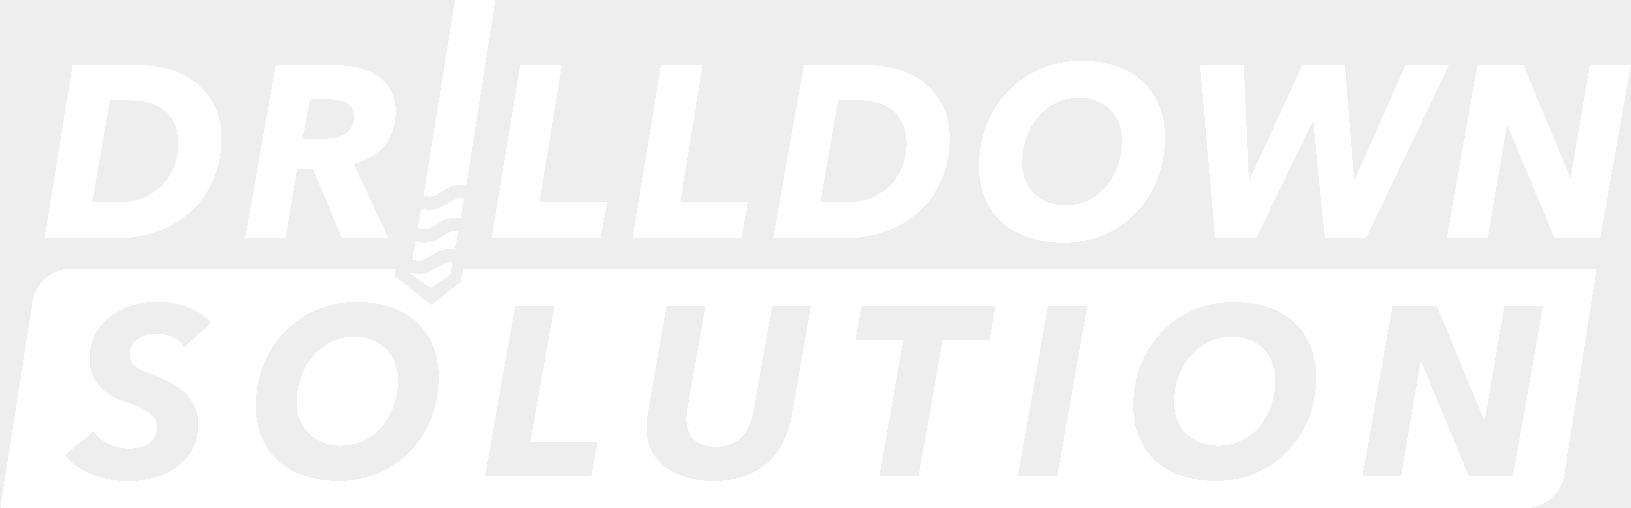 Drilldown Solution